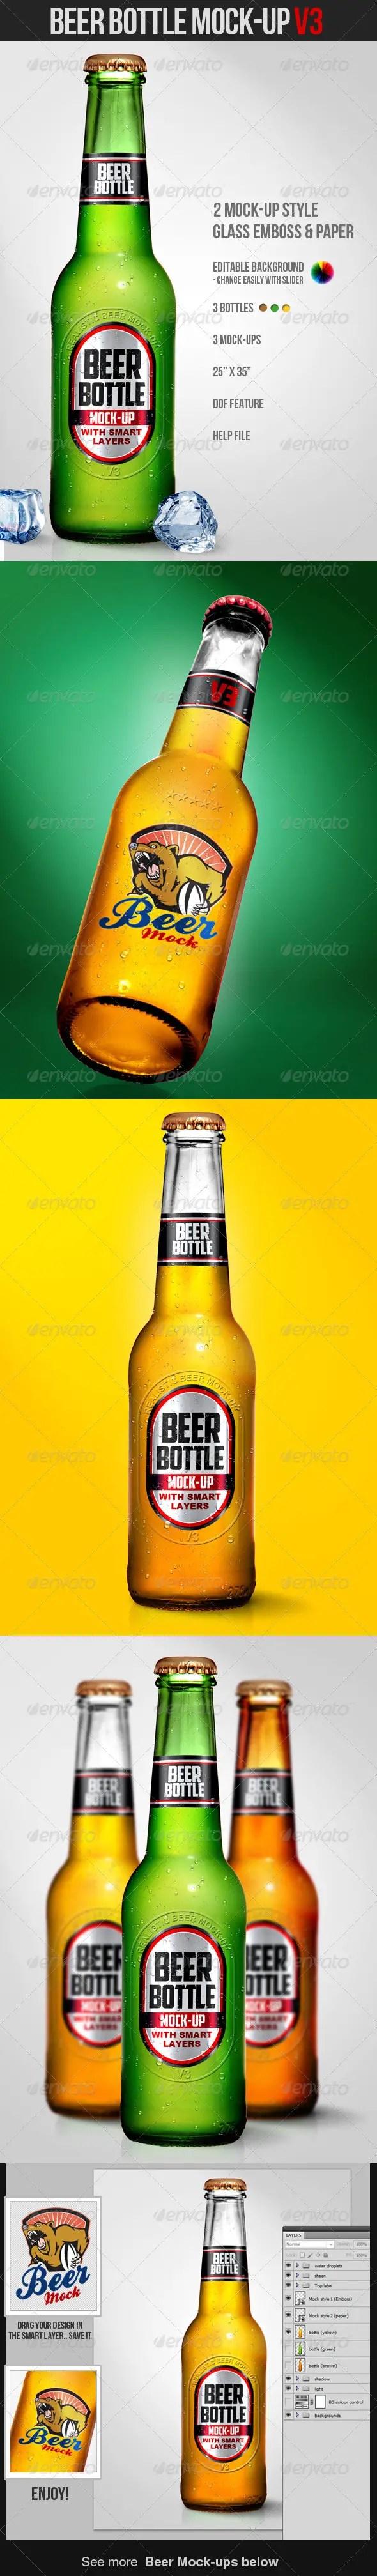 Beer Bottle Mockup V3